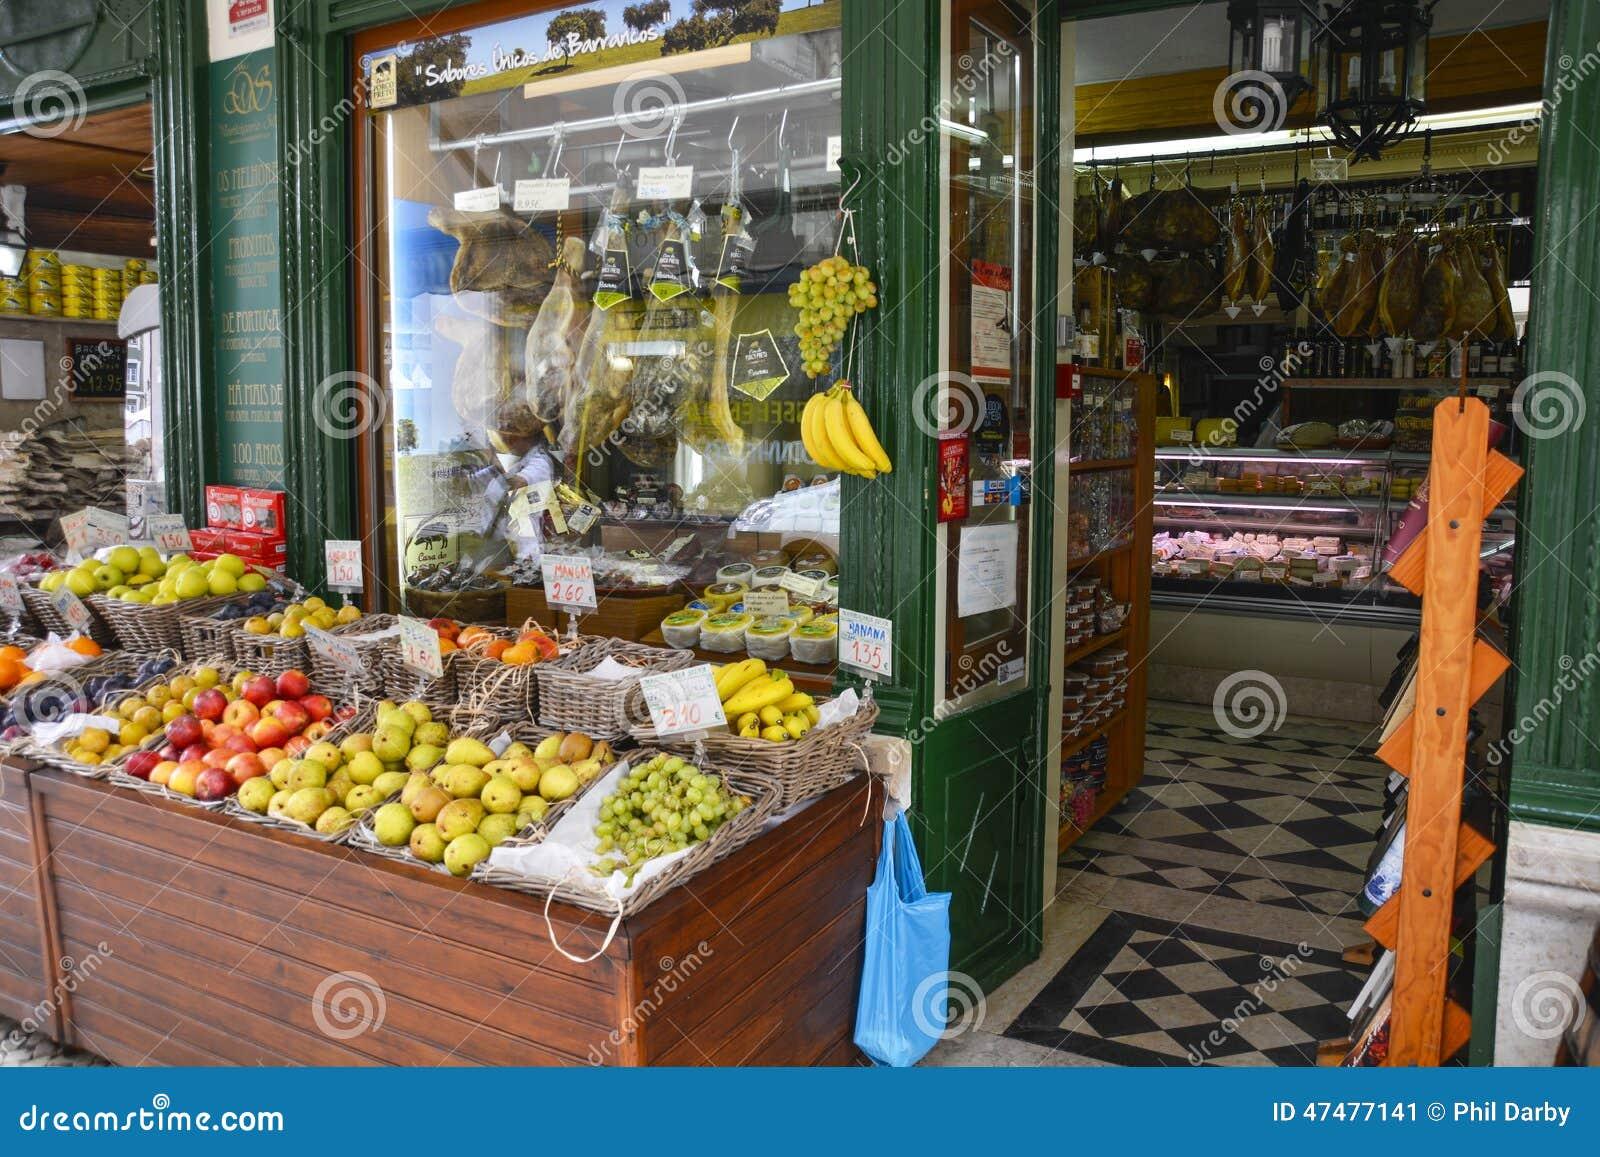 Boutique de fruits et l gumes lisbonne photo ditorial image 47477141 - Fruits et legumes de a a z ...